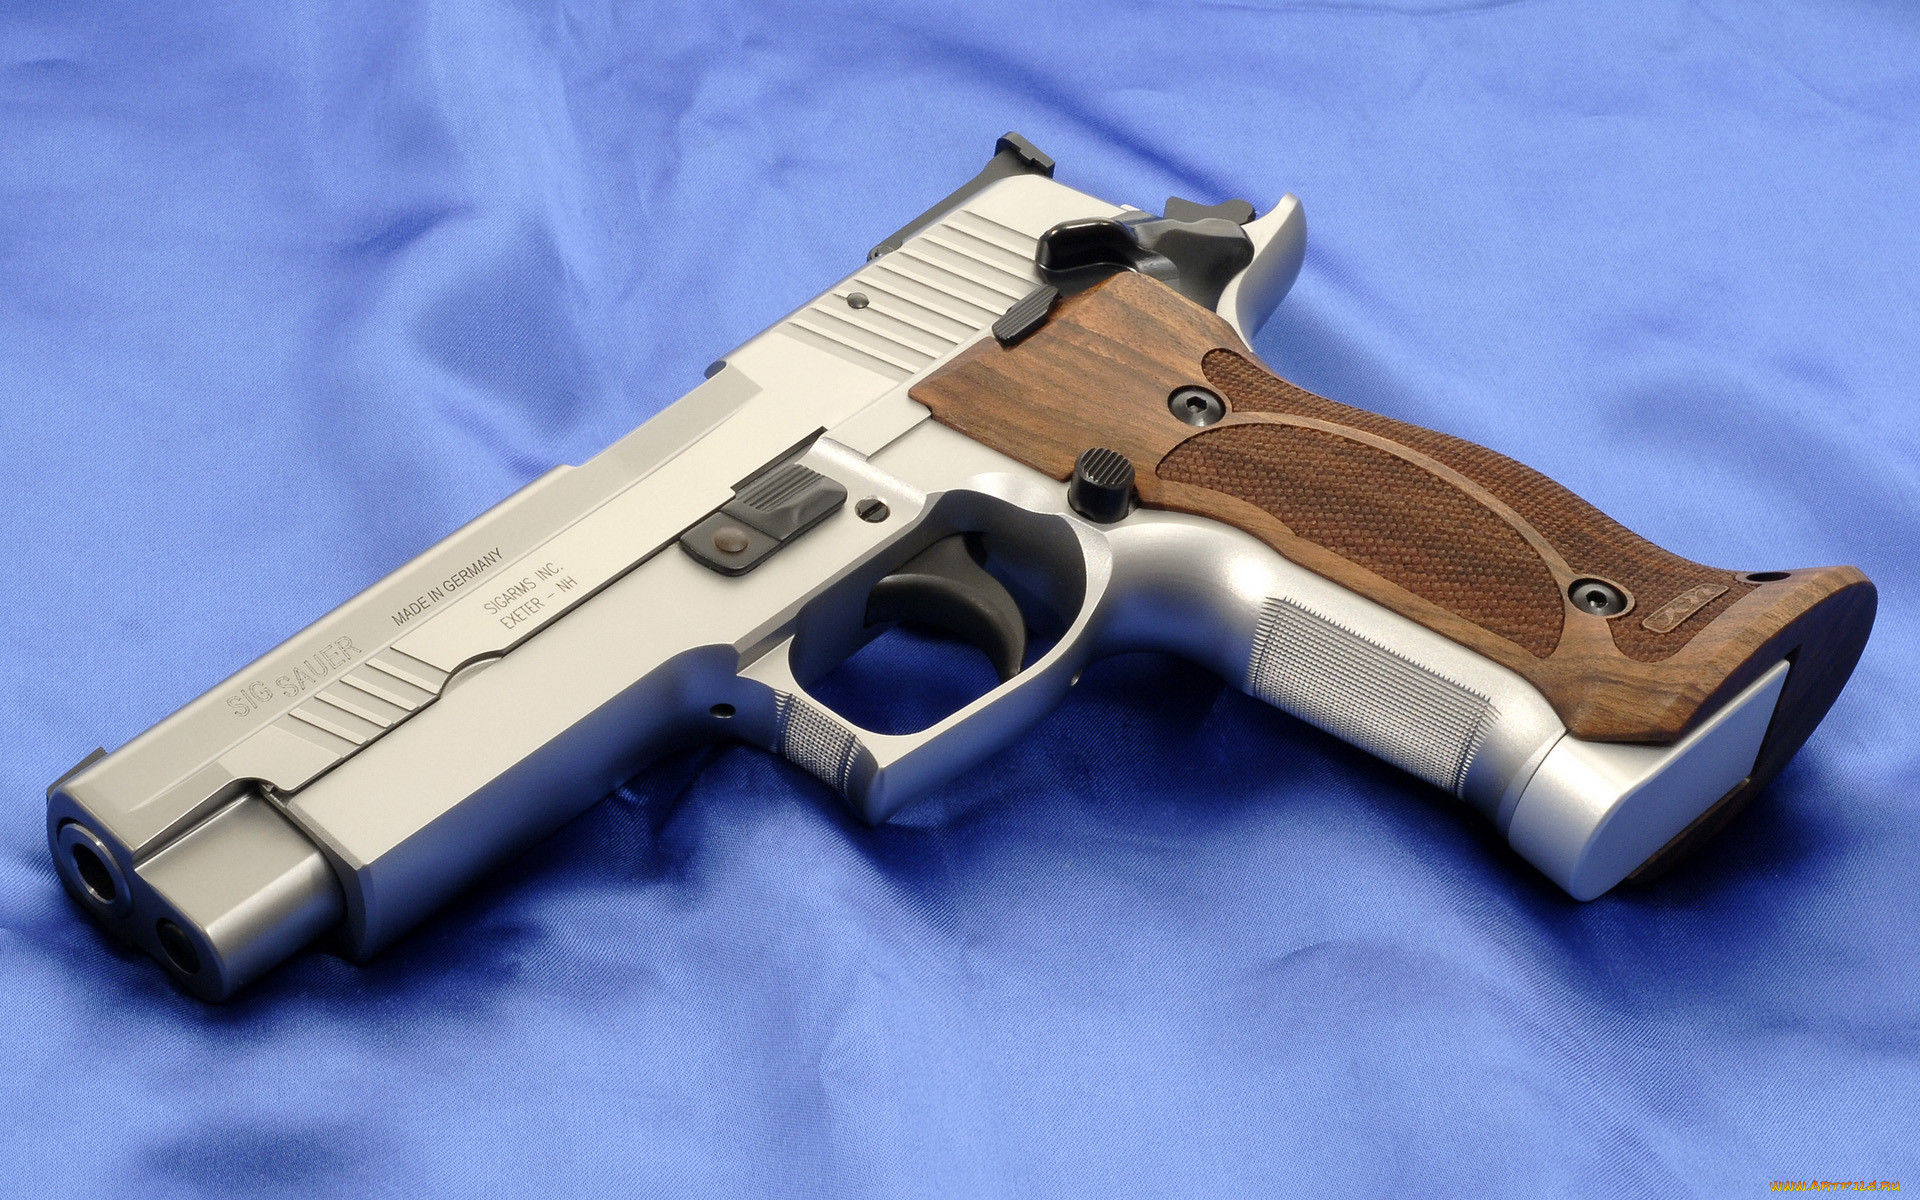 Картинки пистолета образца